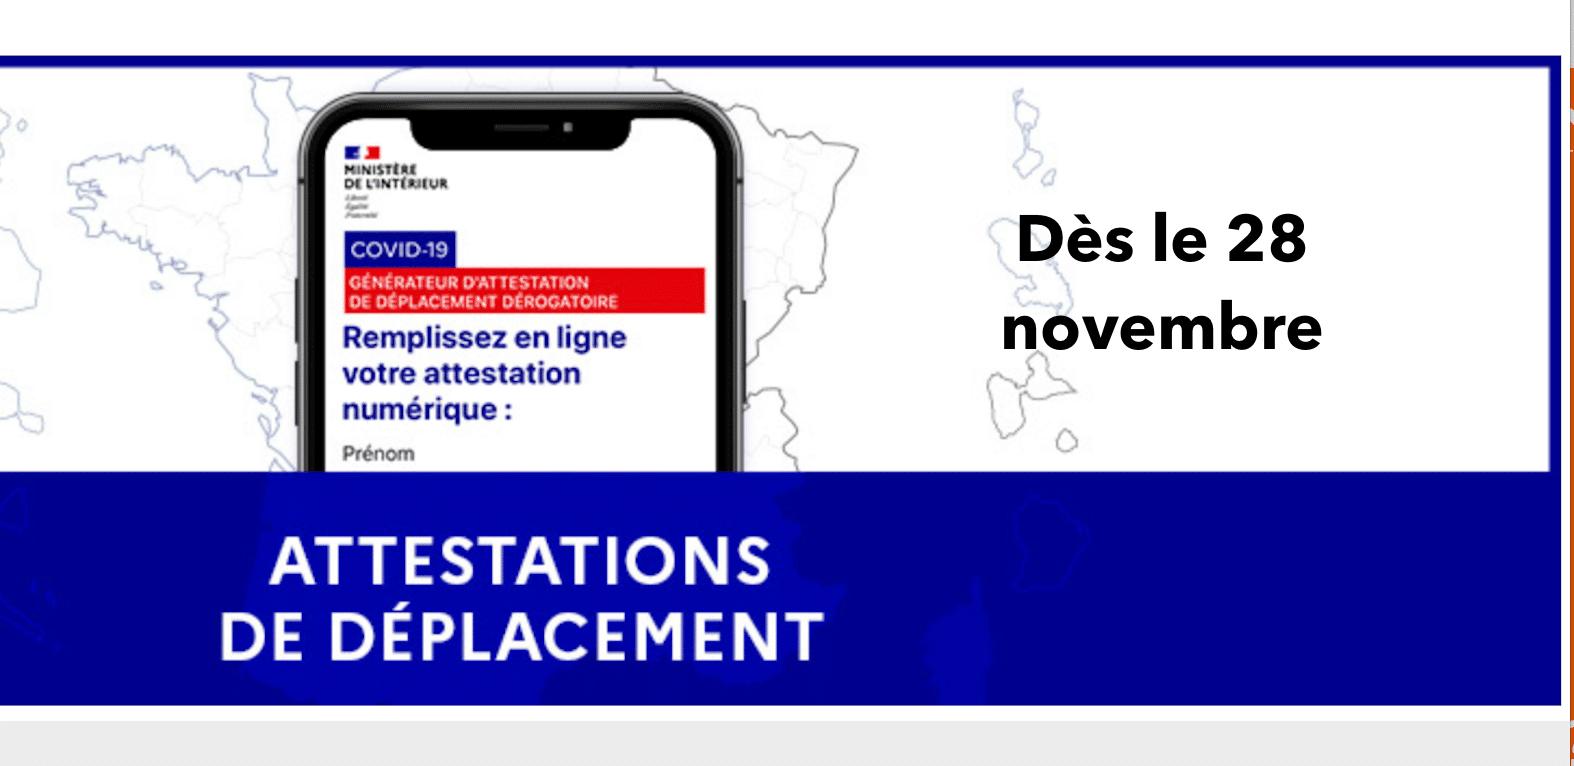 Nouvelle Attestation De Deplacement En France 28 Novembre Les Frontaliers